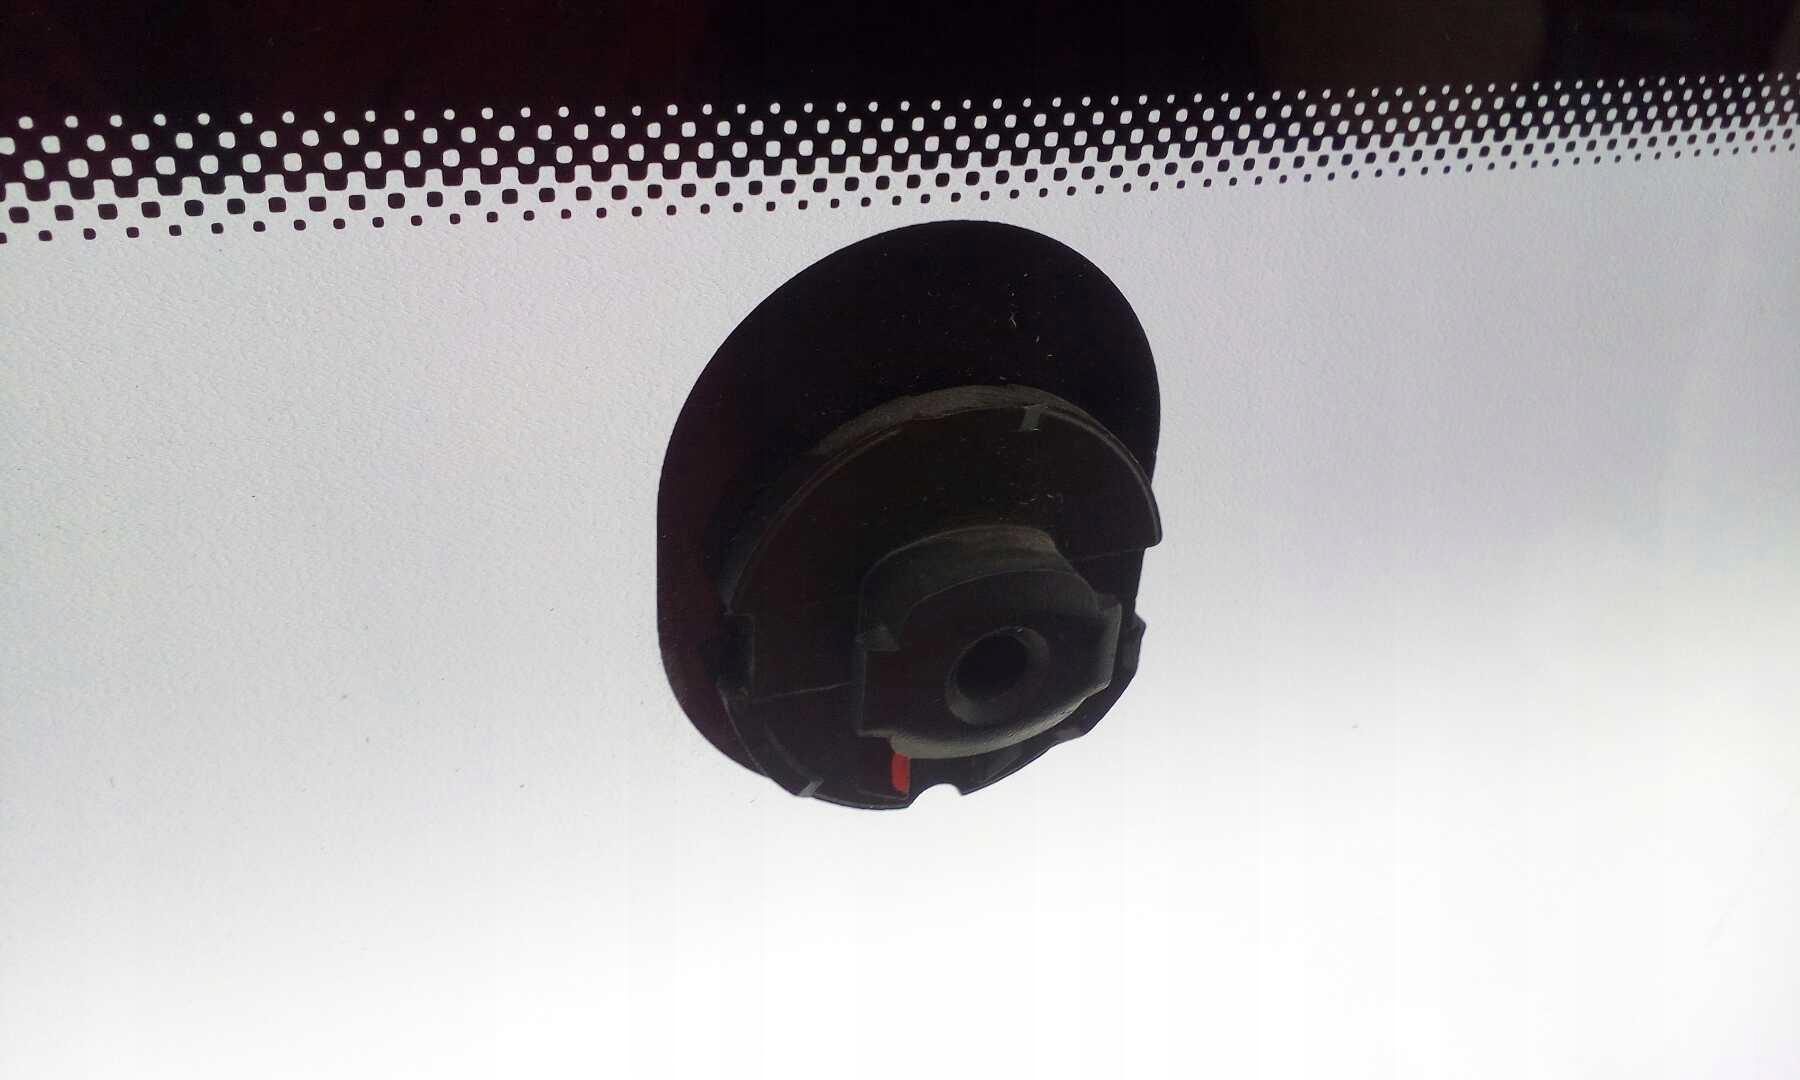 [AUDI R8 07-15 АНТЕННА СТЕКЛО ЛОБОВОЕ НОВОЕ ОРИГИНАЛЬНАЯ из Польши]изображение 2